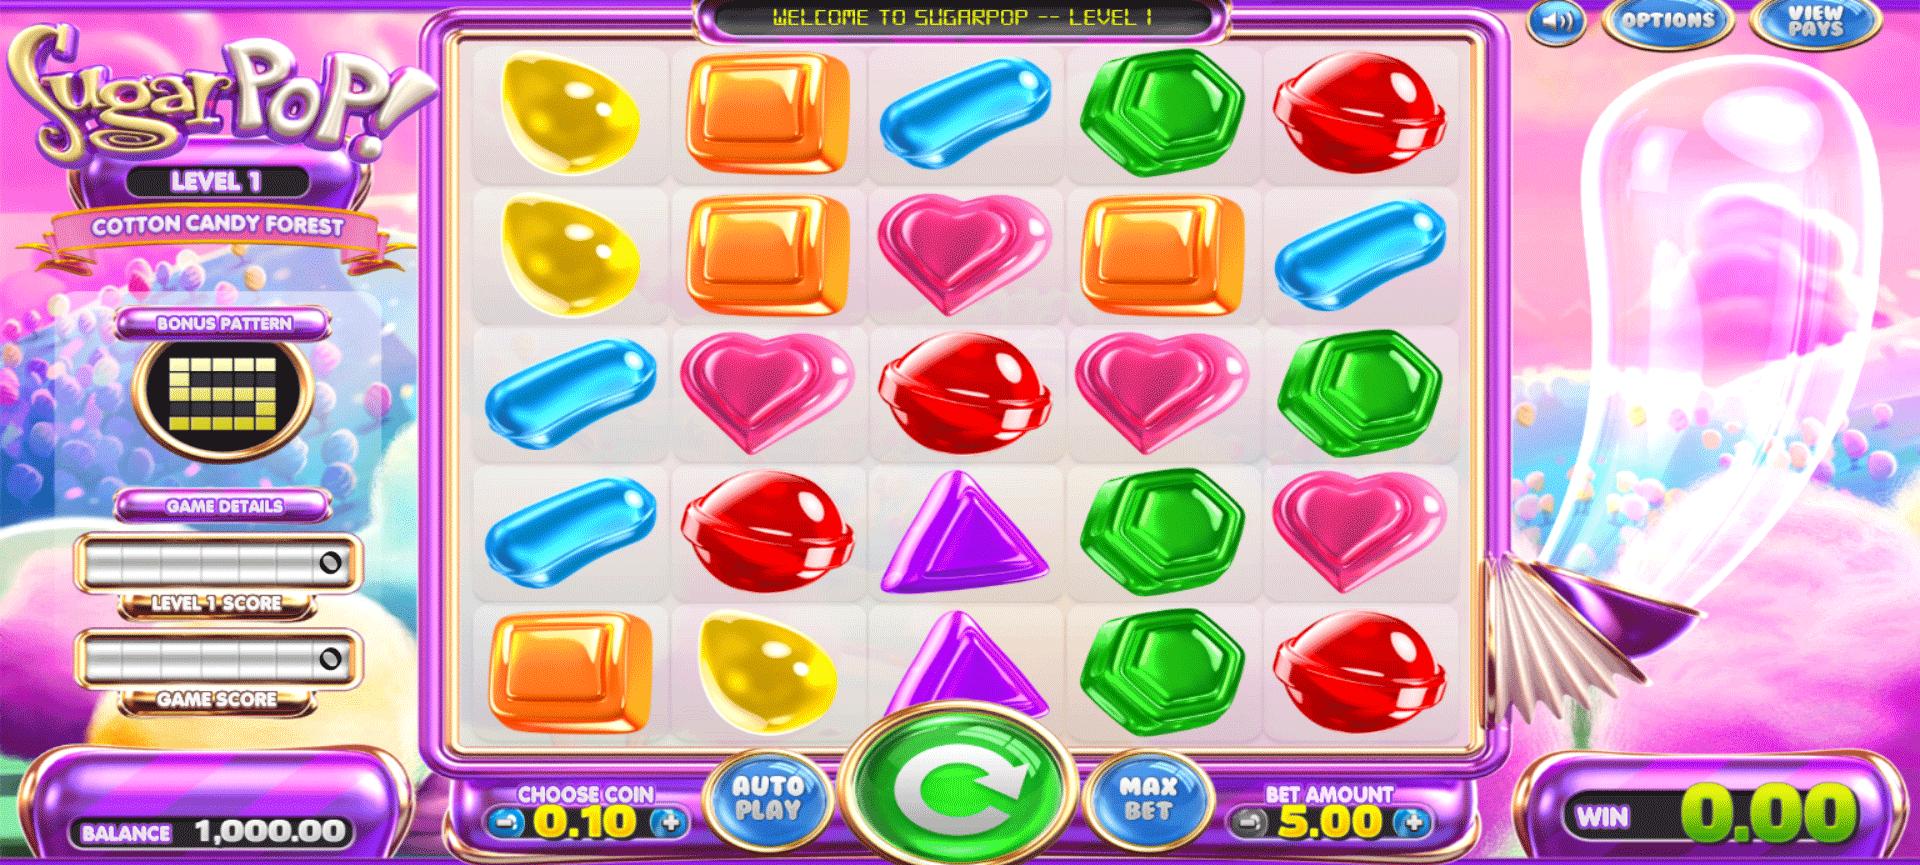 Slot SugarPop